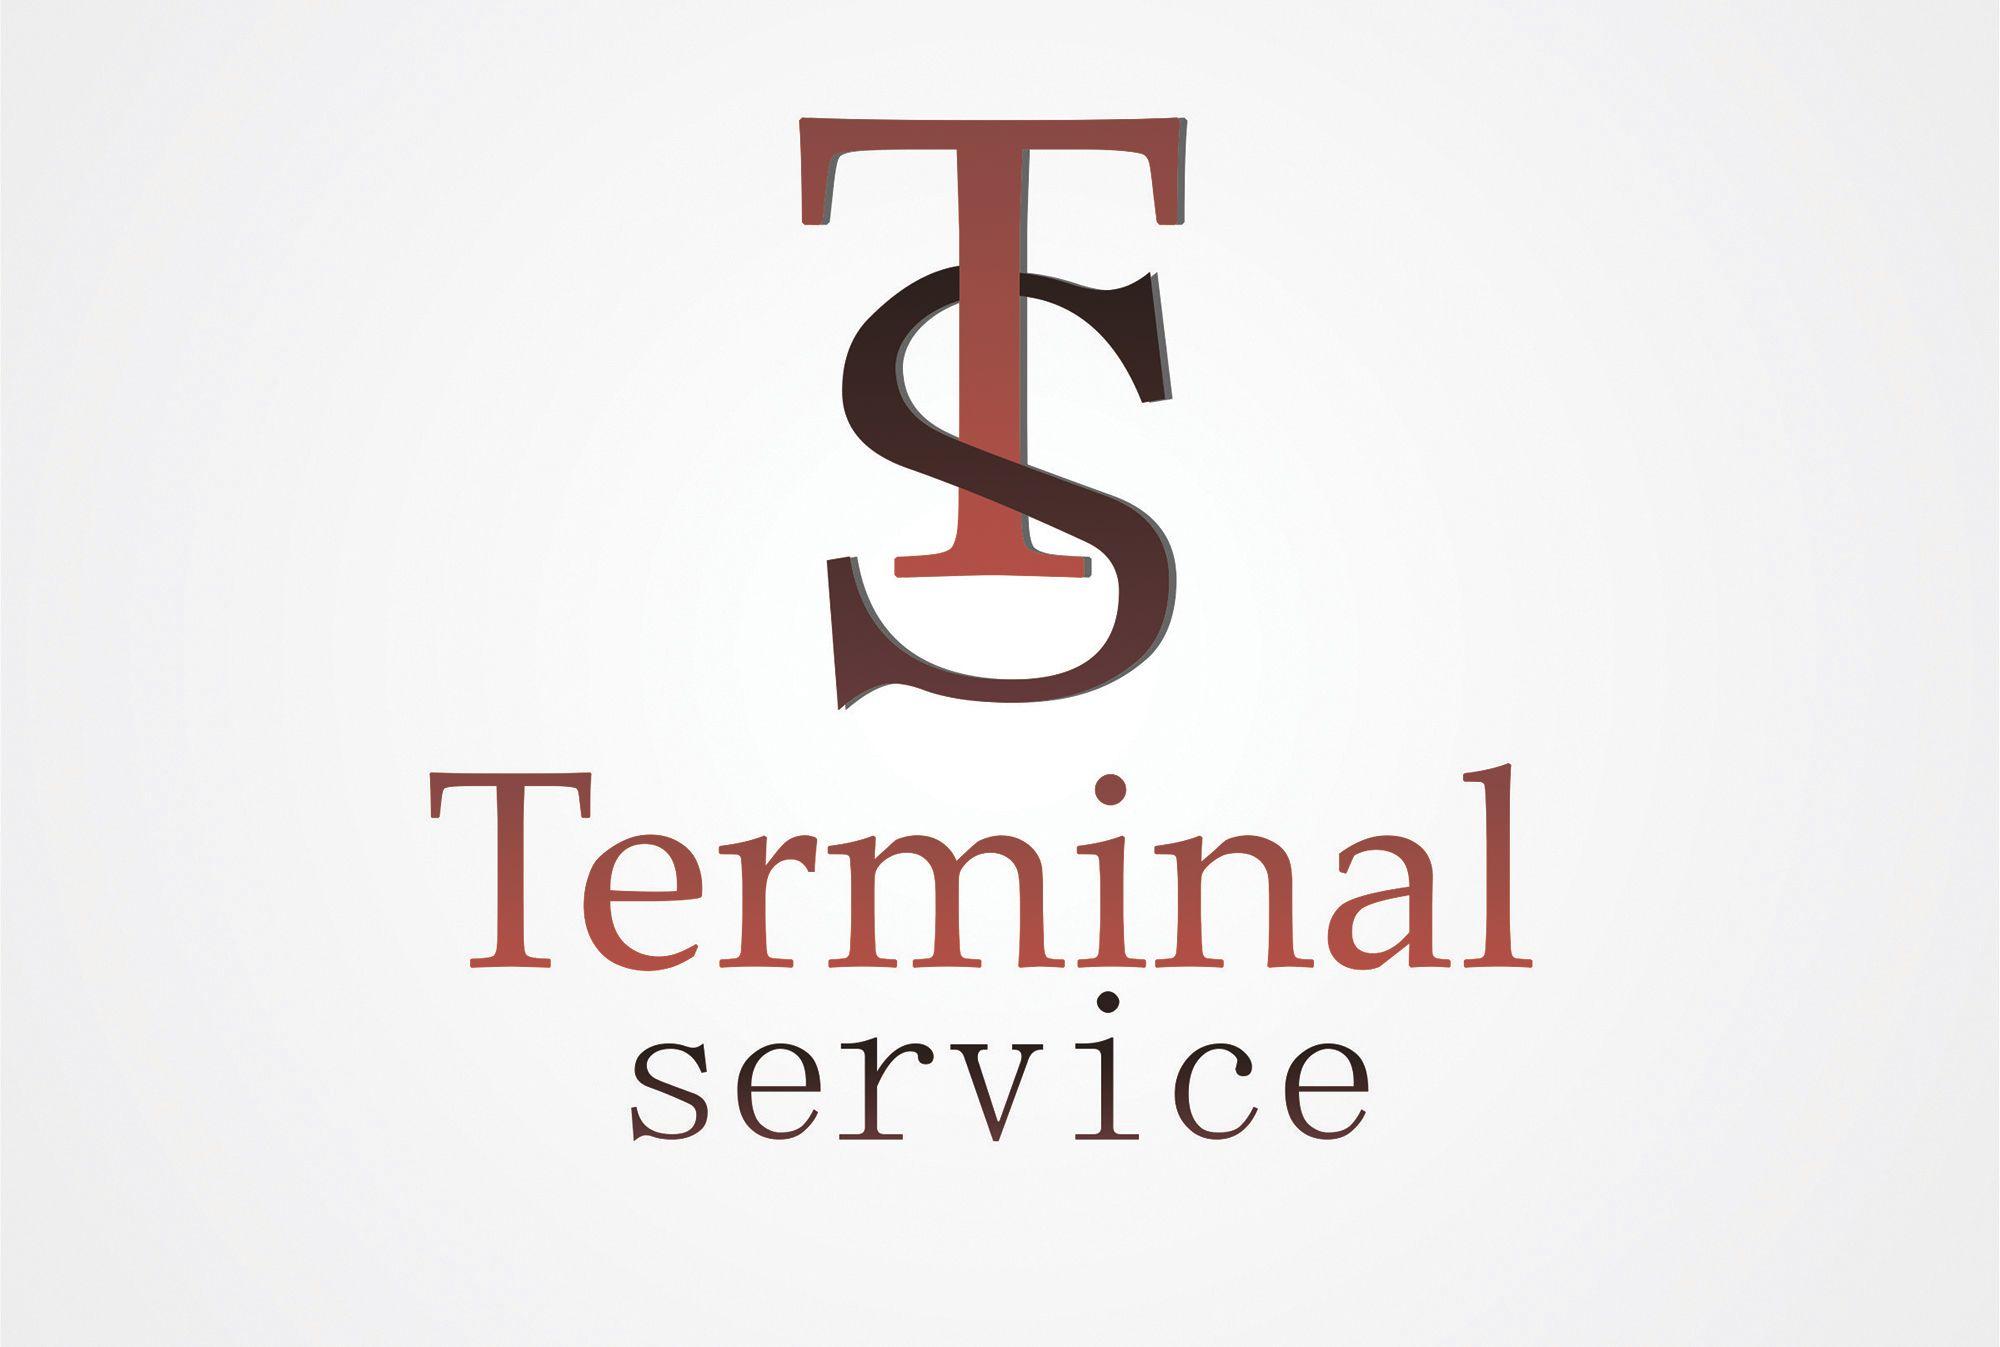 Требуется обновление логотипа компании - дизайнер Natalie_Santer